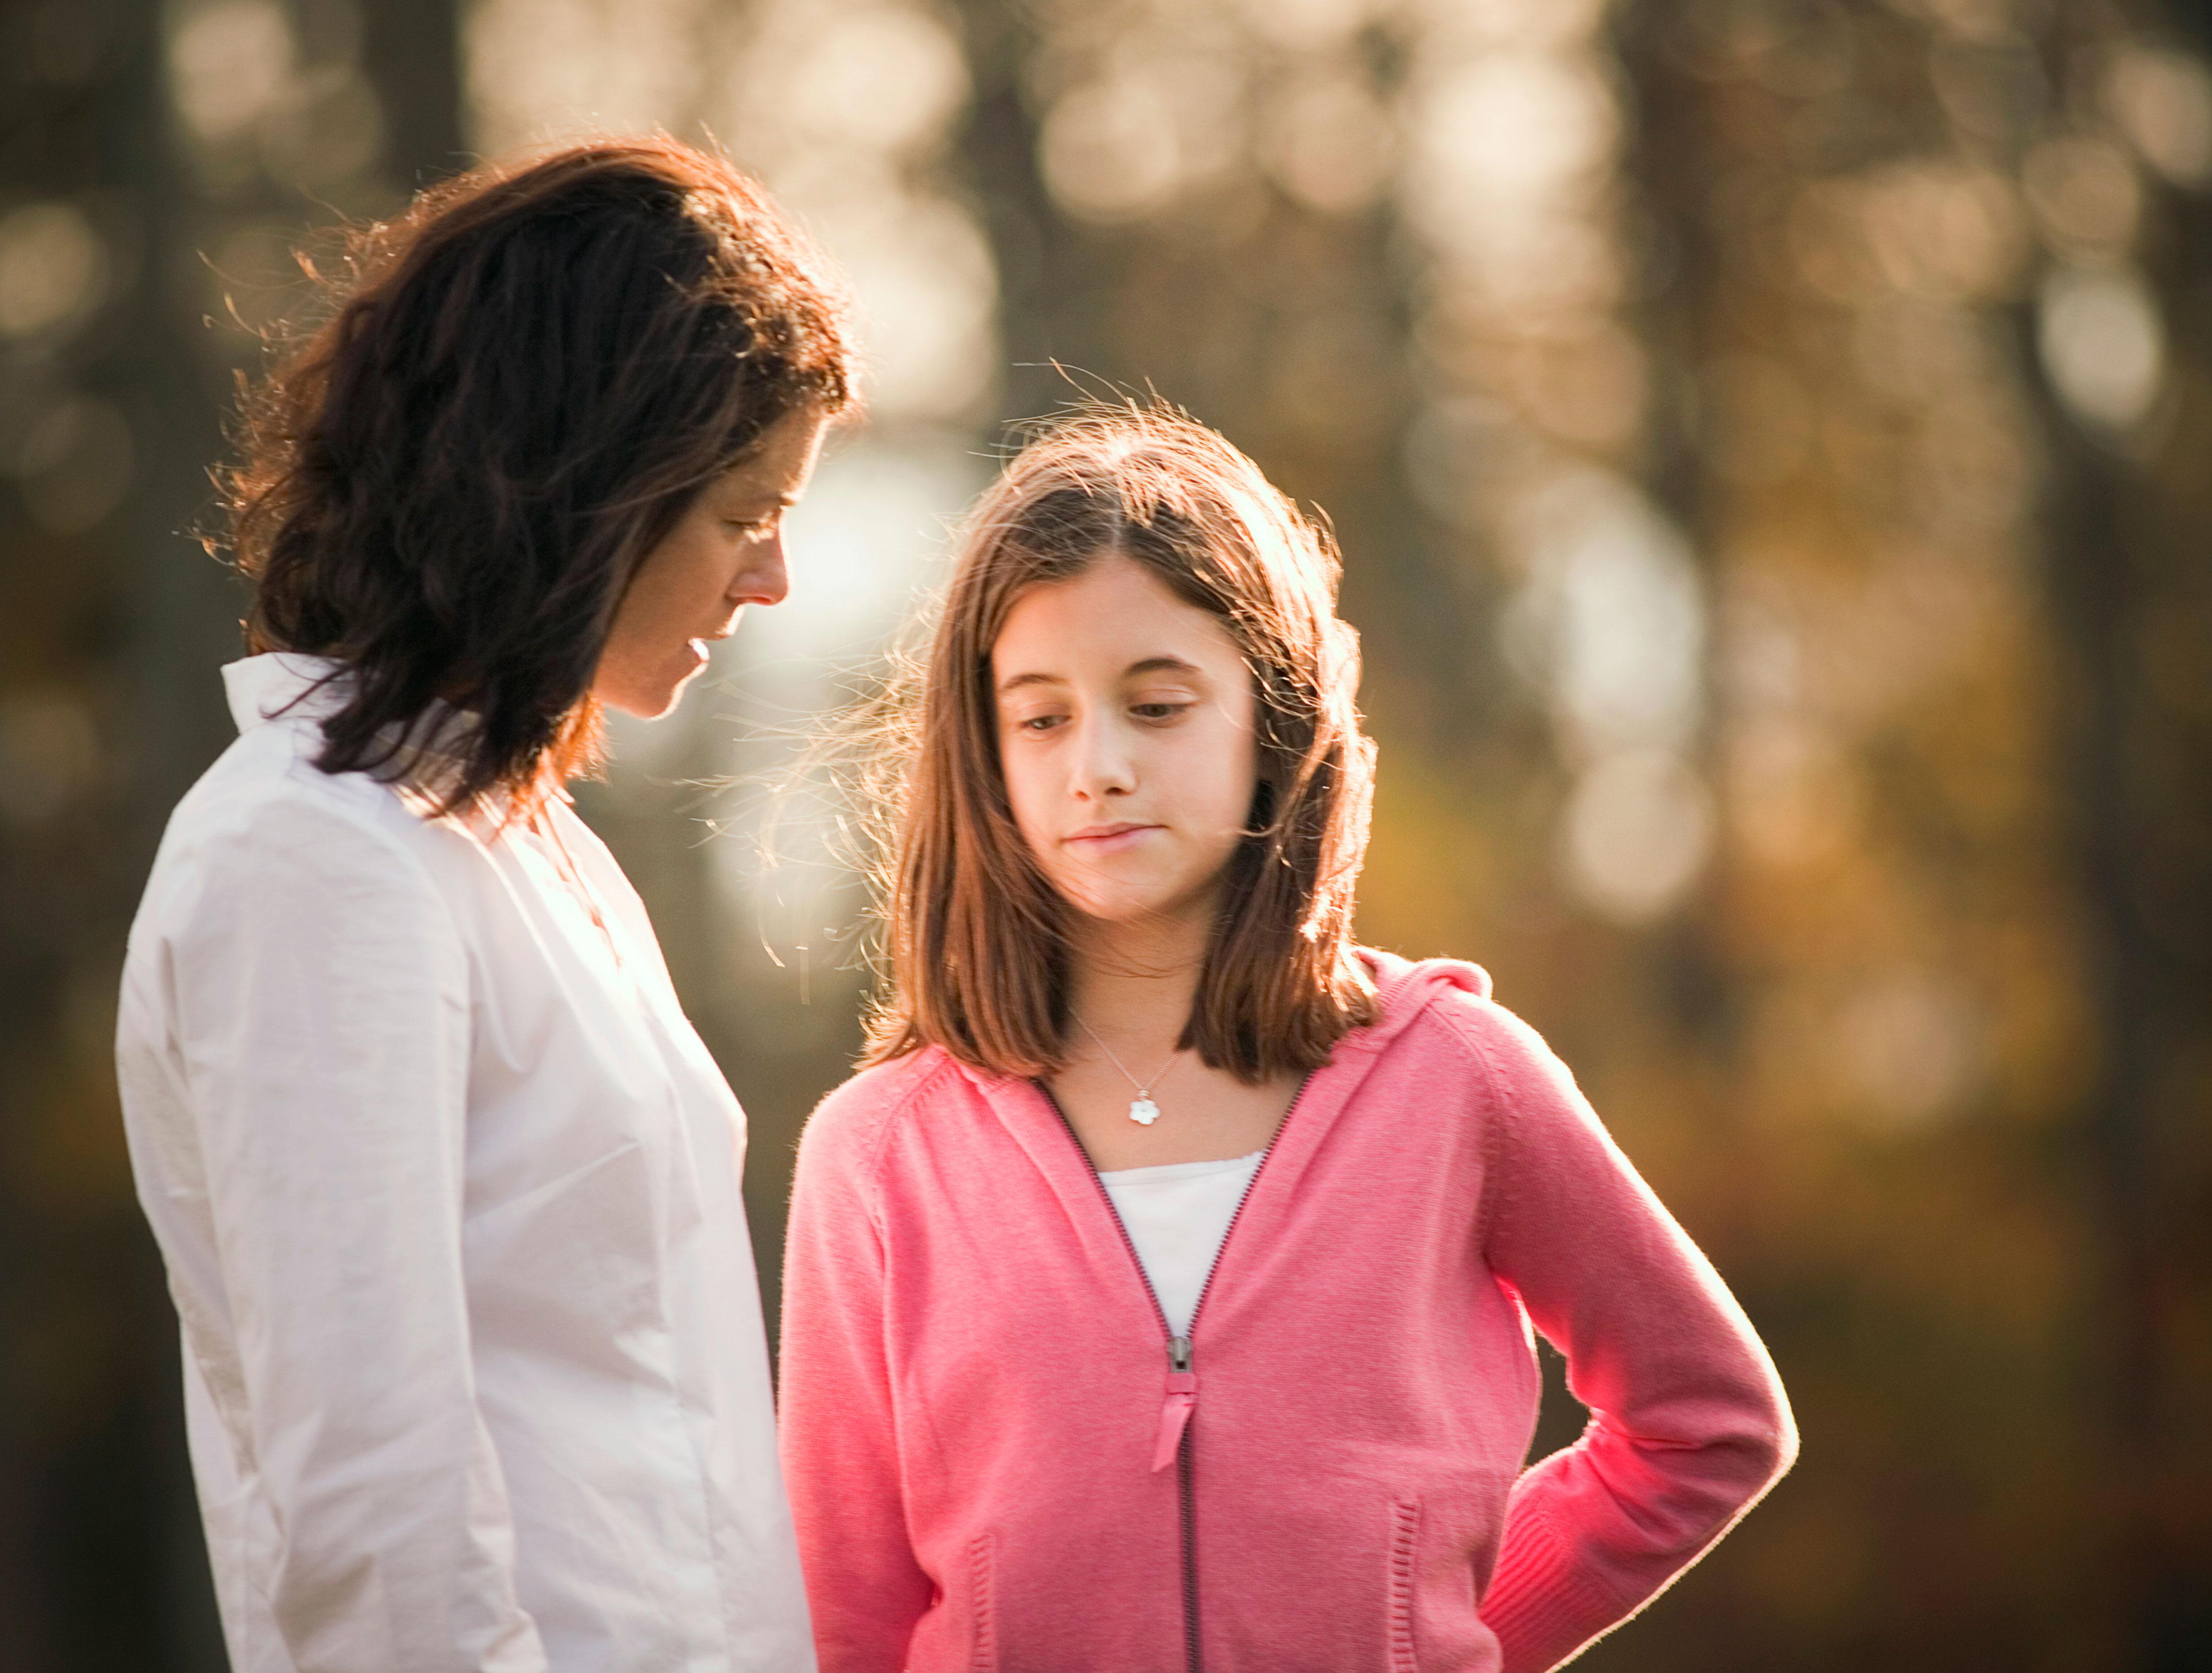 Reglas básicas para comunicar a los hijos el divorcio de los padres